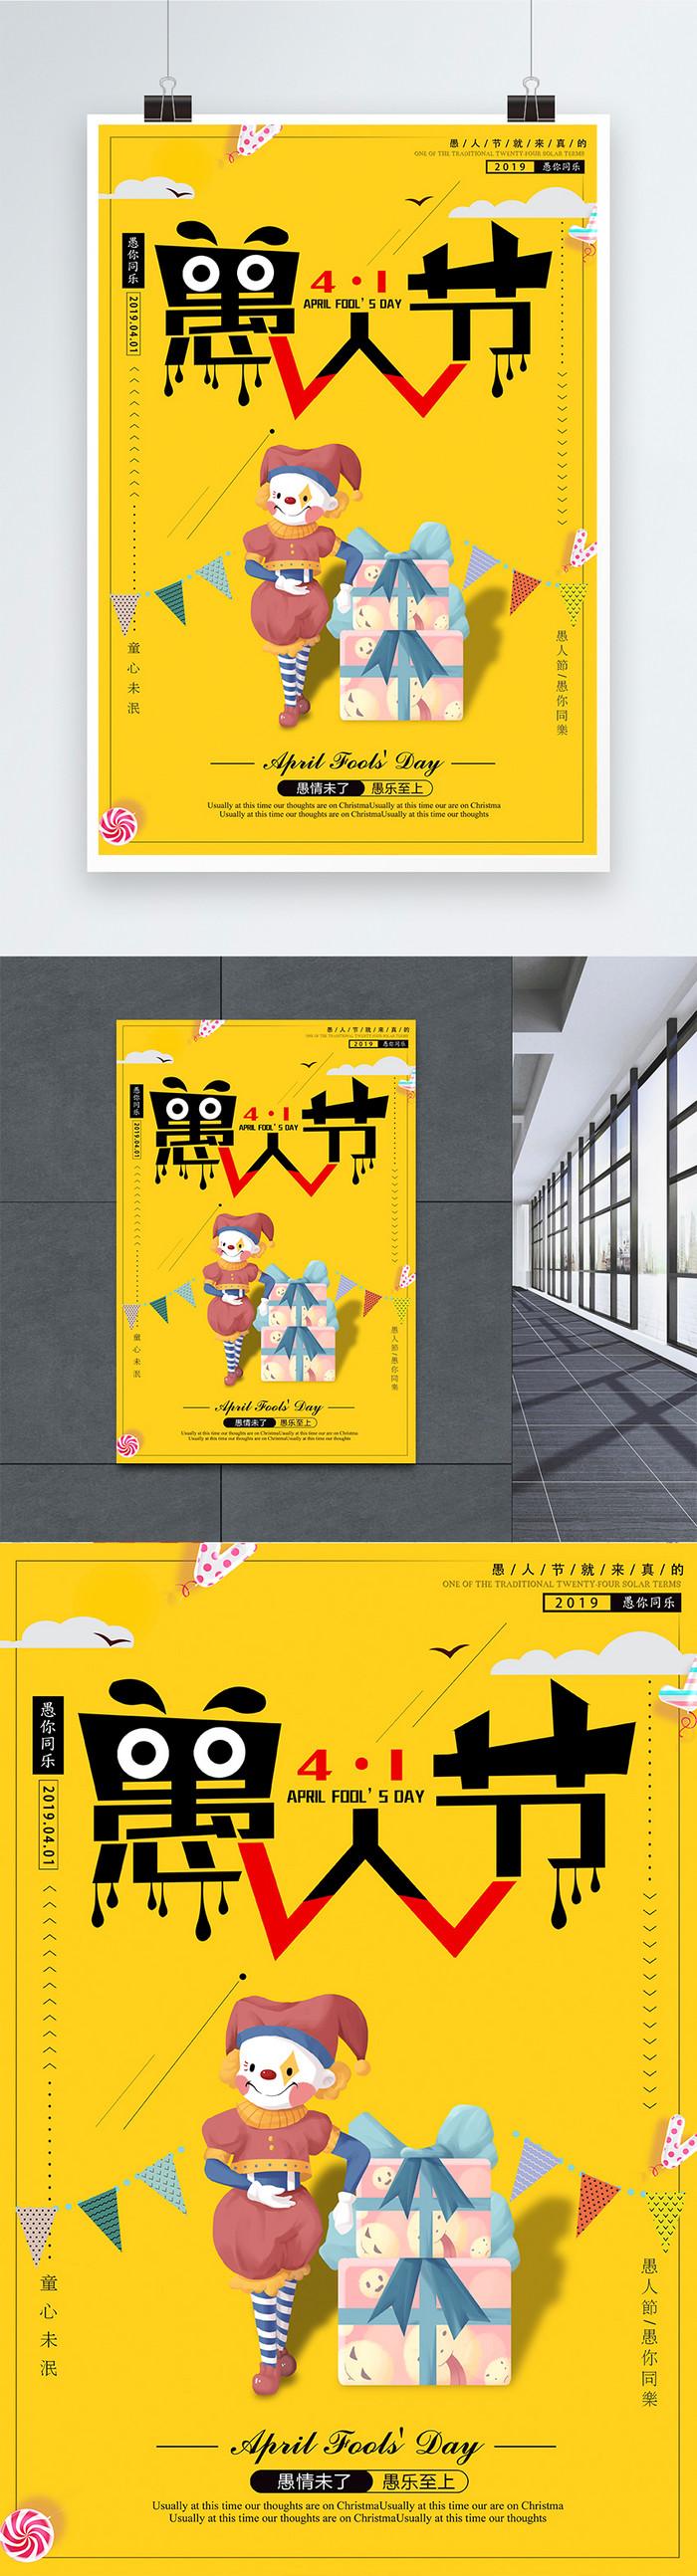 黄色愚人无极限愚人节宣传海报